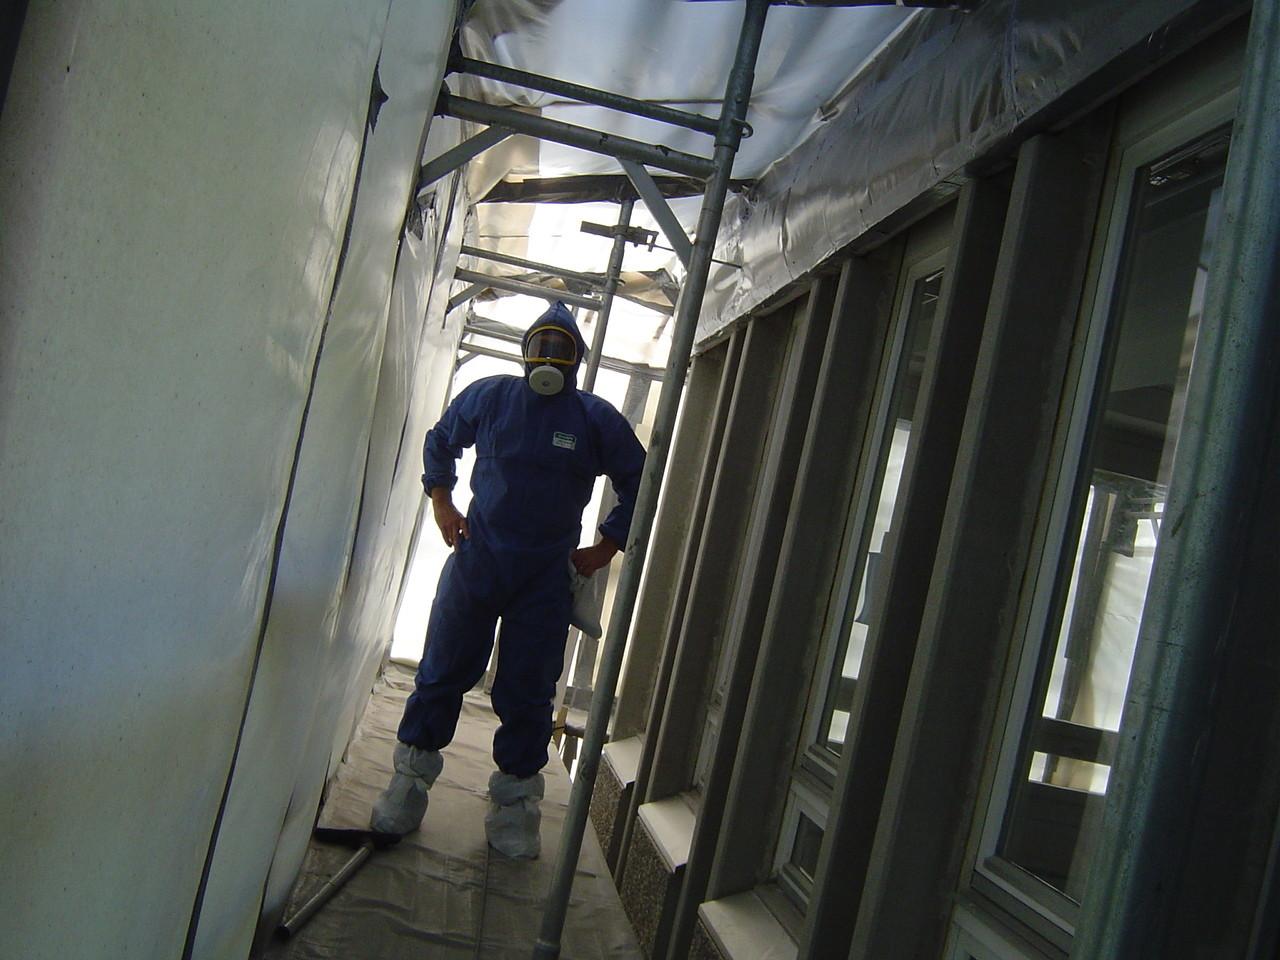 LINDENTHAL Umweltdienstleistungen: Bauüberwachung und Kontrolle in einem Sanierungsabschnitt (Schwarzbereich)